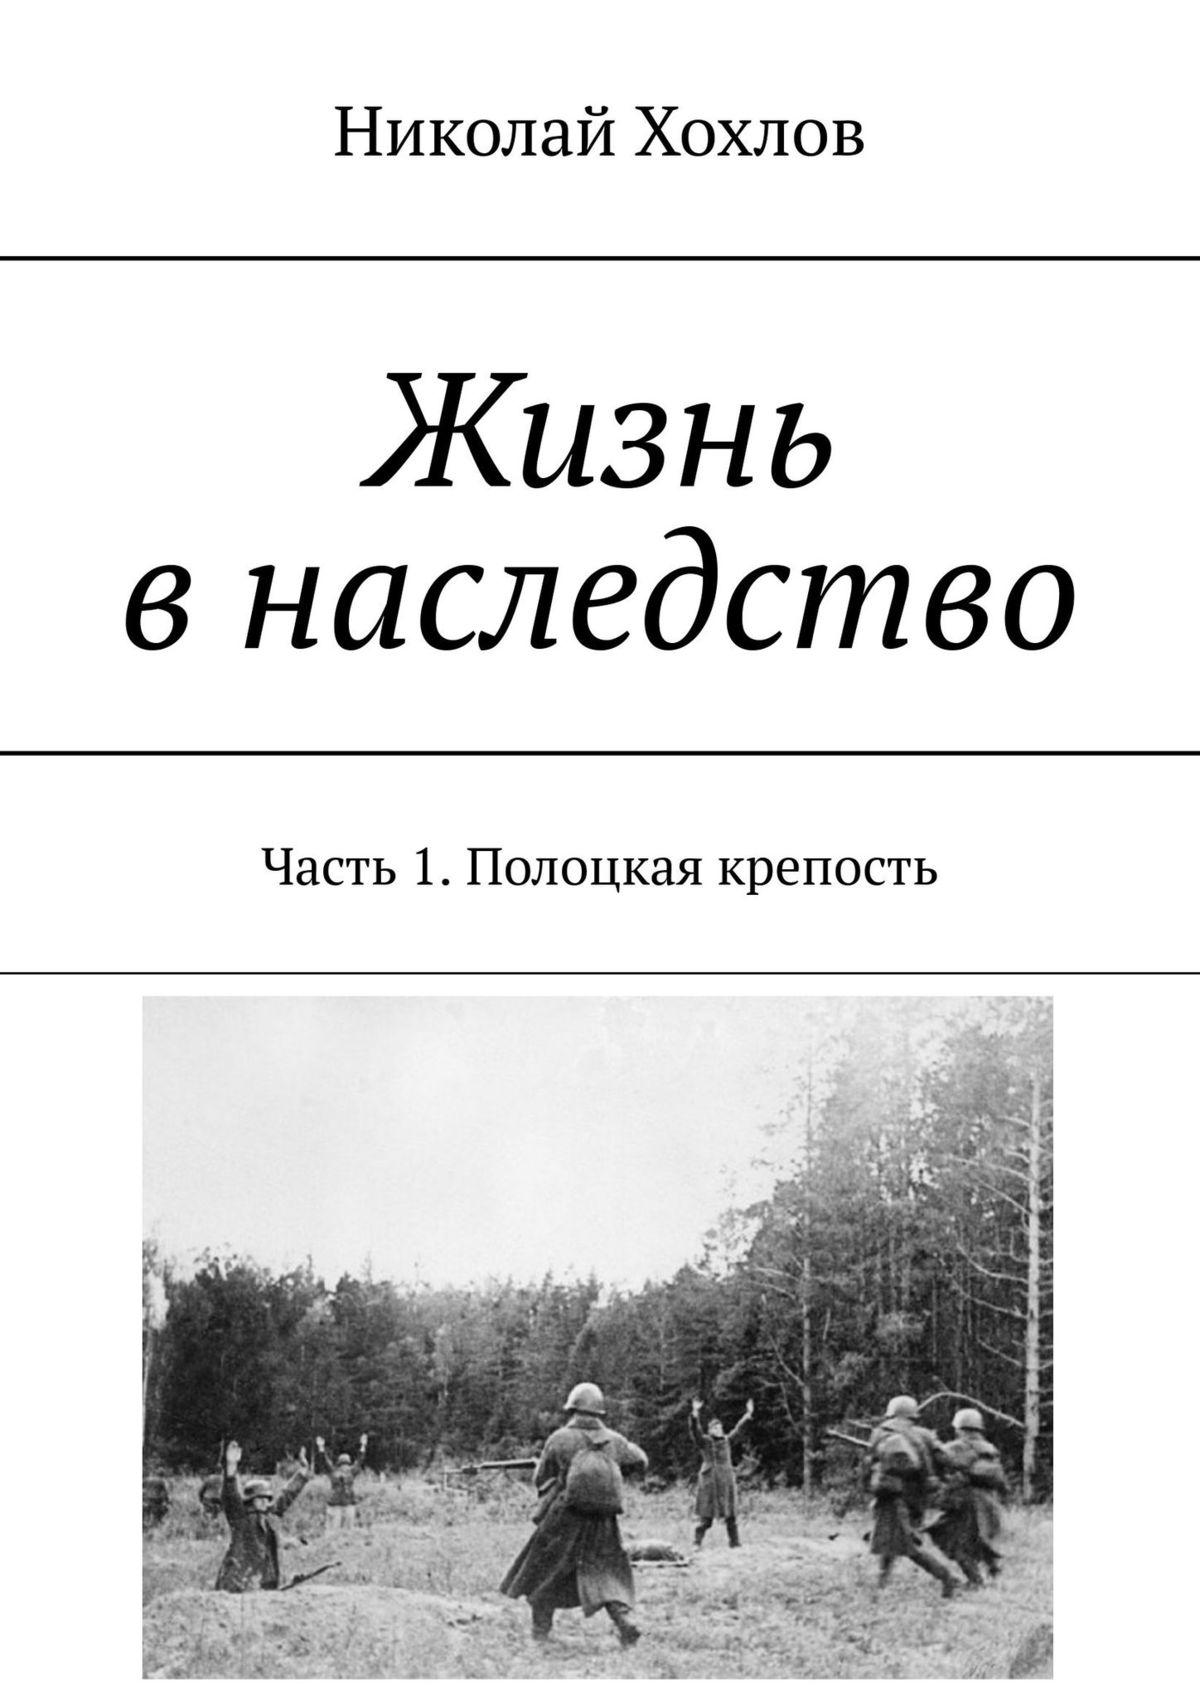 Николай Михайлович Хохлов Жизнь в наследство. Часть 1. Полоцкая крепость николай копылов ради женщин